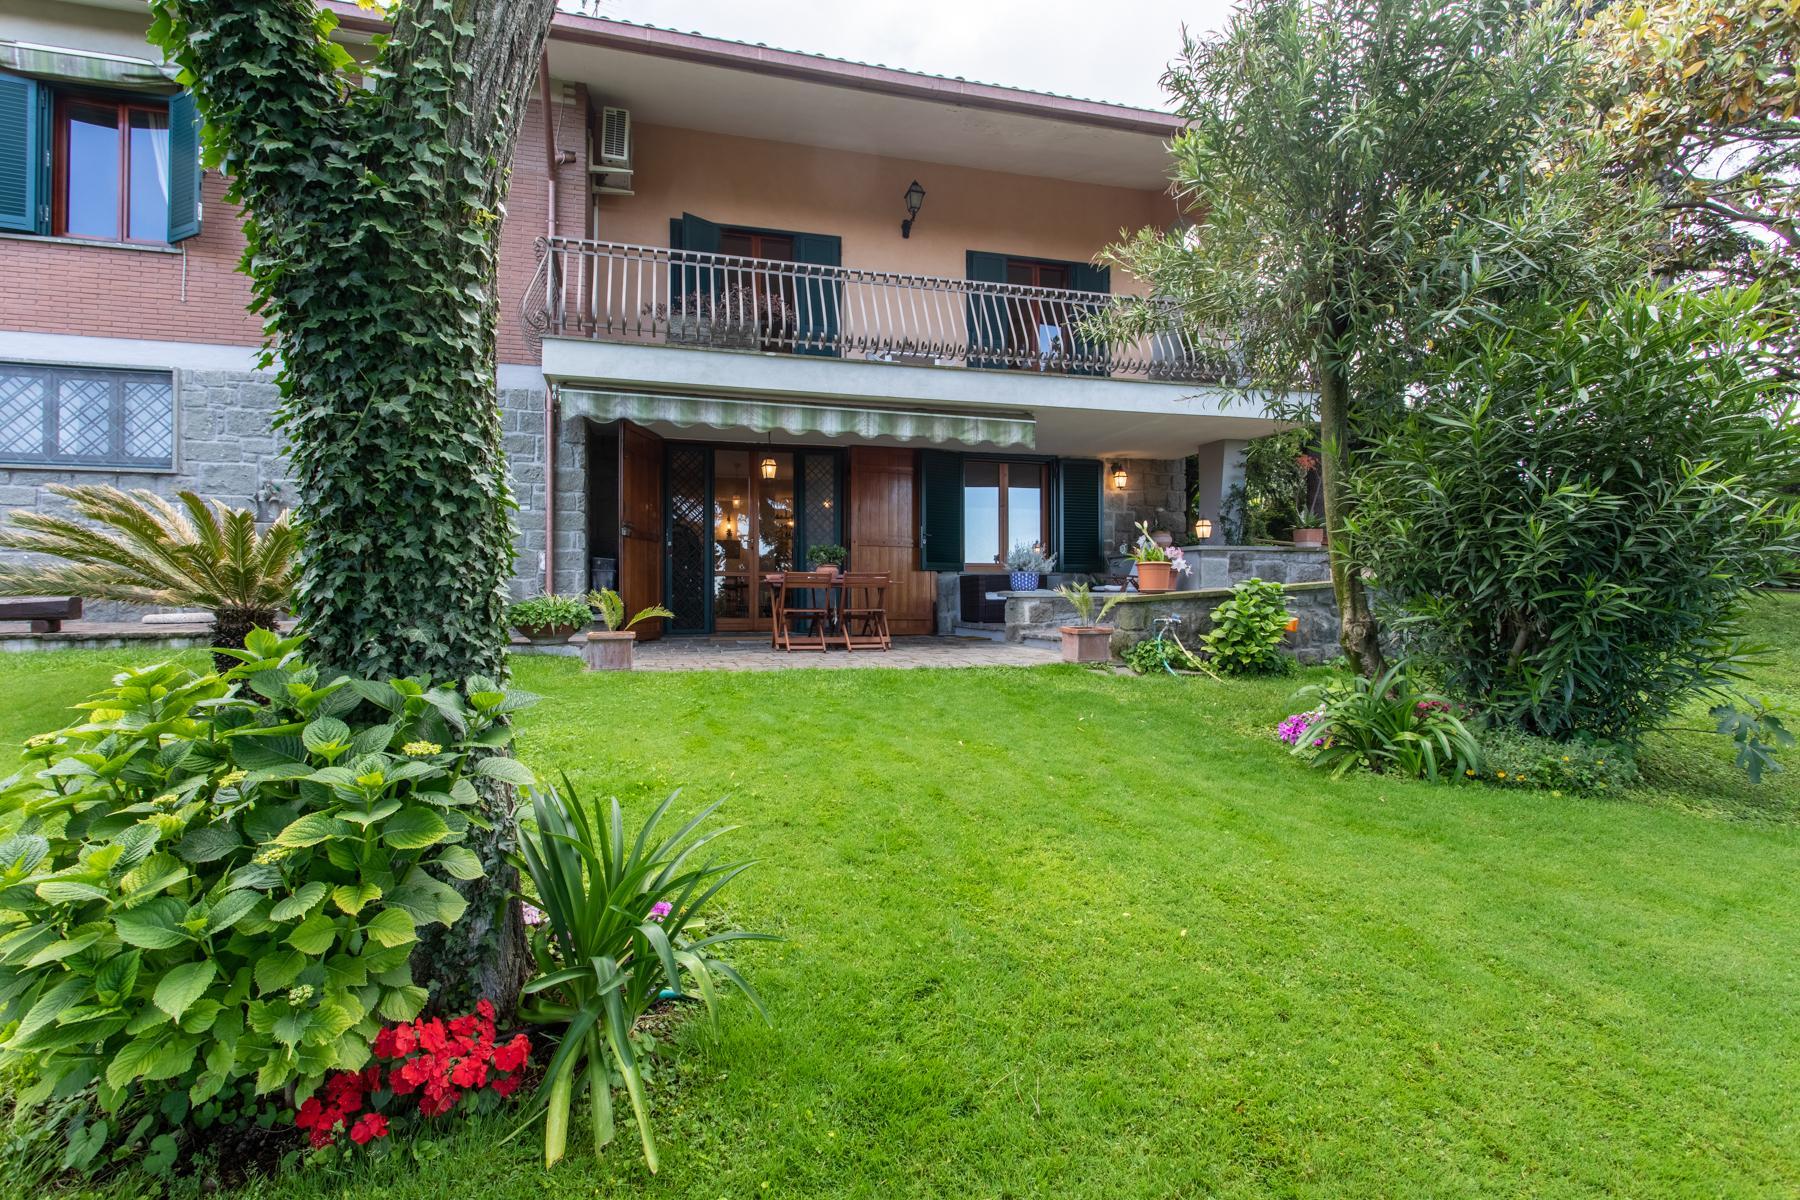 Incantevole Villa nei pressi di Castel Gandolfo - 24